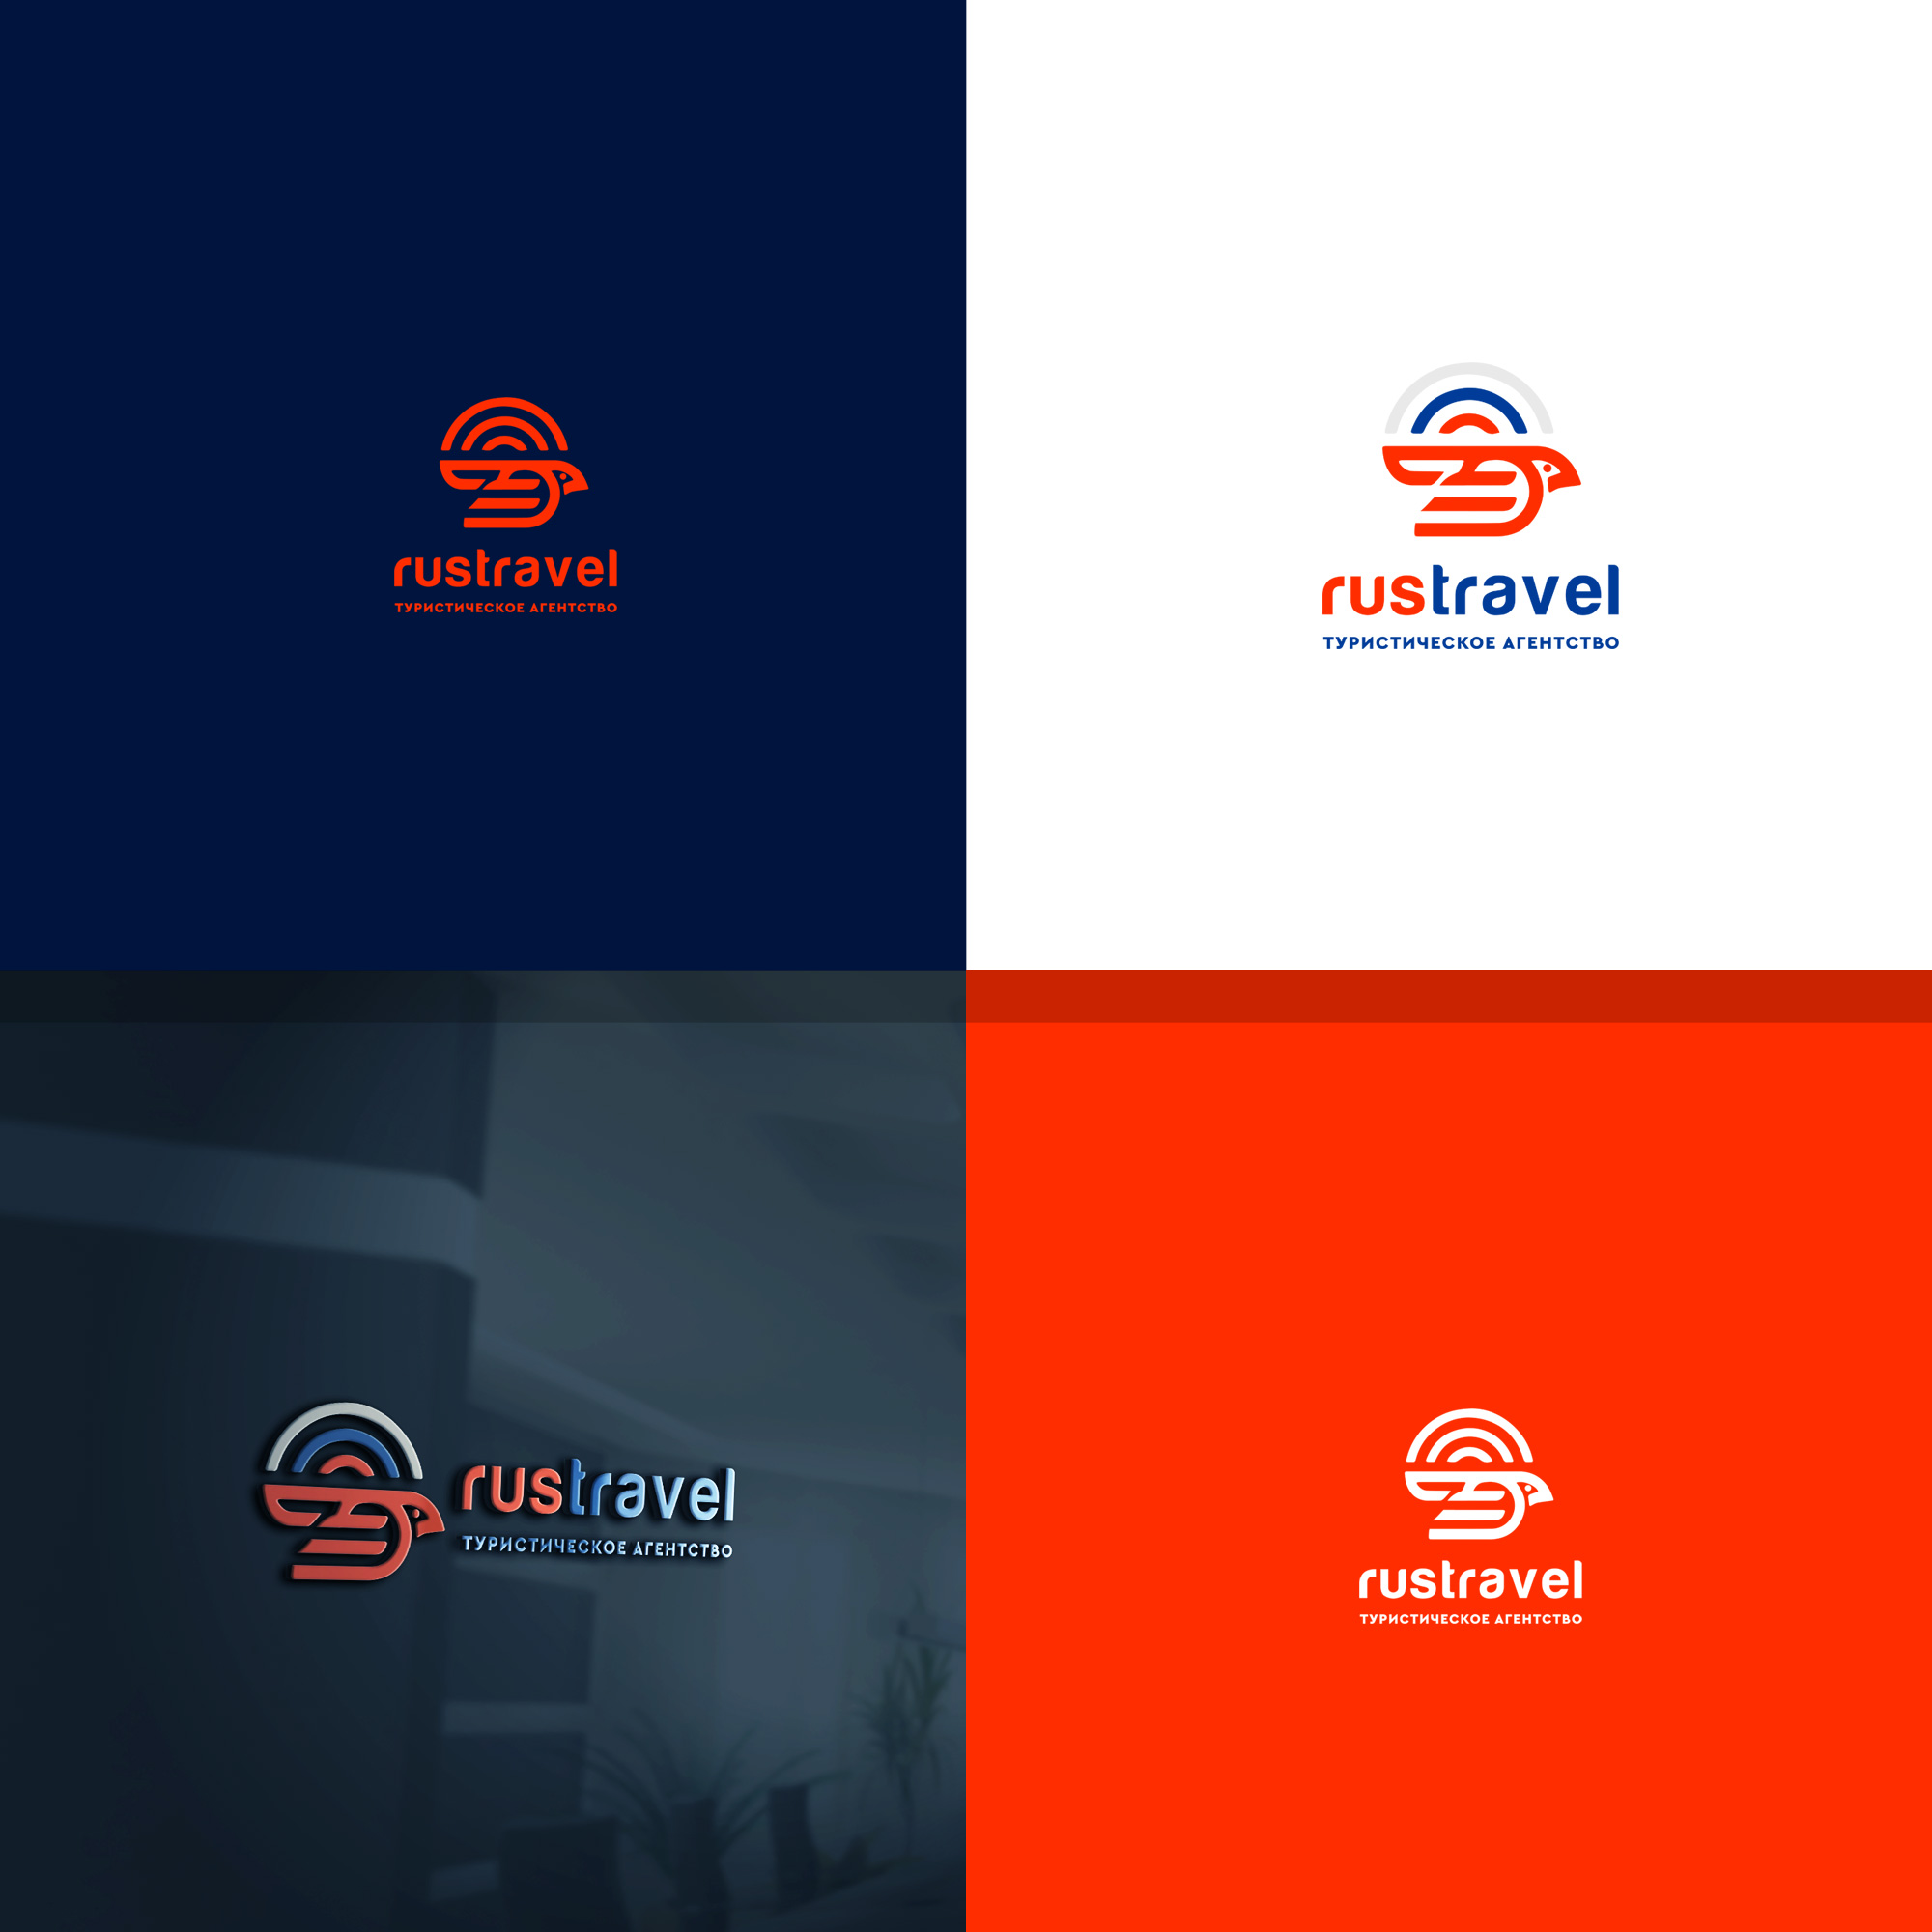 Разработка логотипа фото f_0905b3e059013be9.jpg